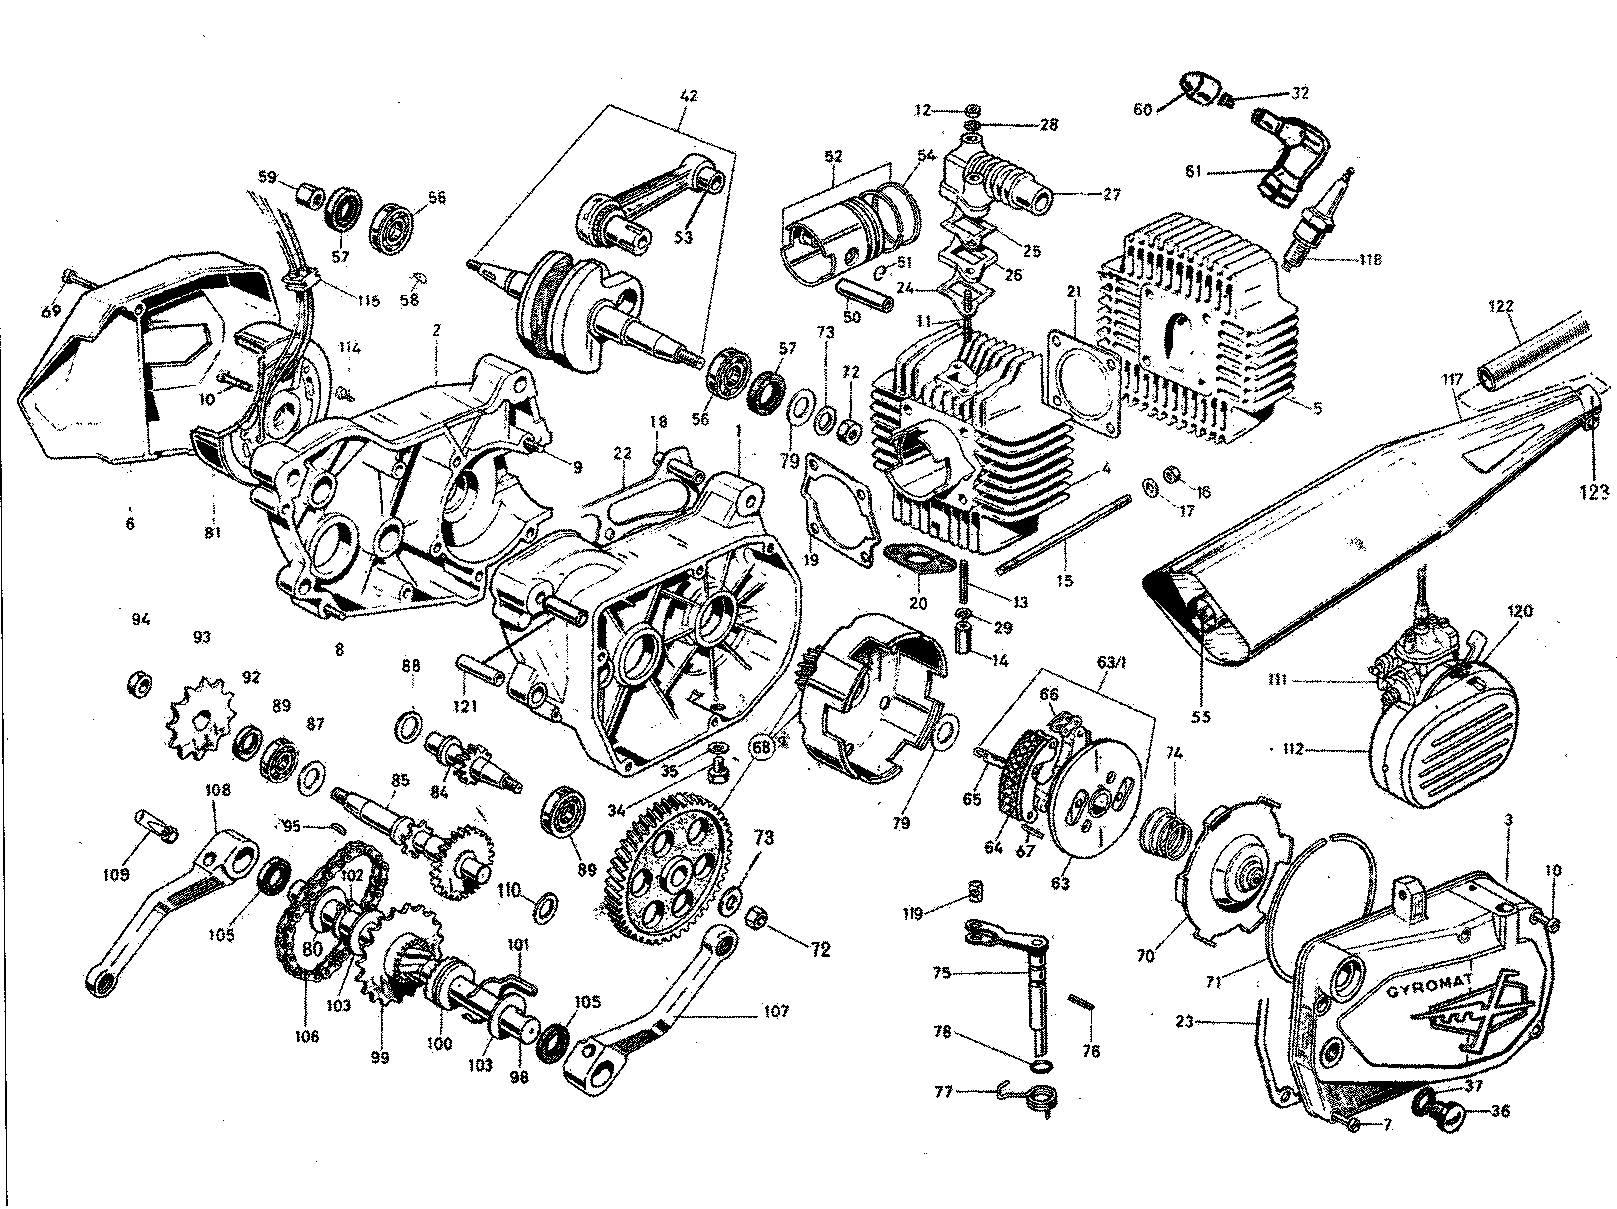 Motor Franco Morini model Tenor